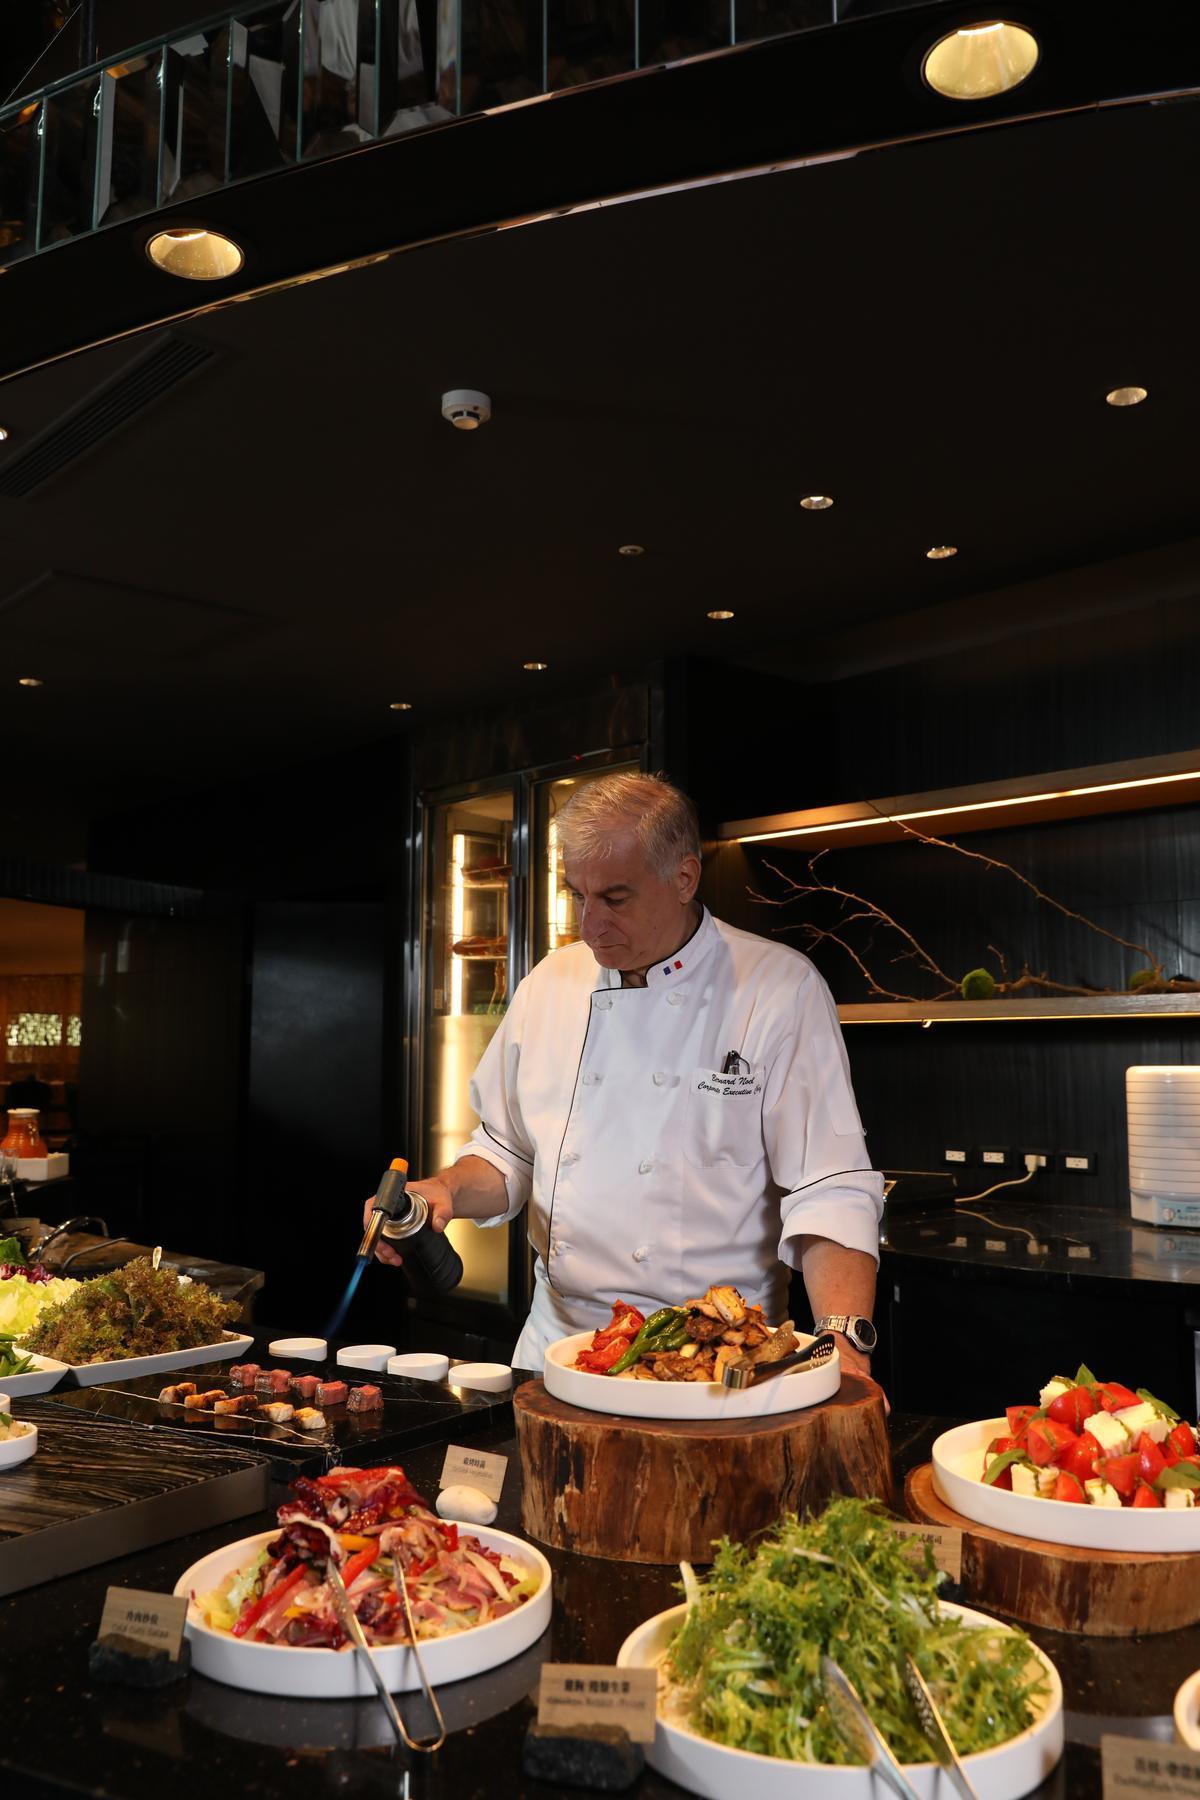 「星級美食區」提供曾在「台北晶華酒店」客座名廚的精華配方,烹調出的精巧料理非常吸引人,採訪這天晶華麗晶酒店集團行政總主廚Bernard Noël特別現身示範。